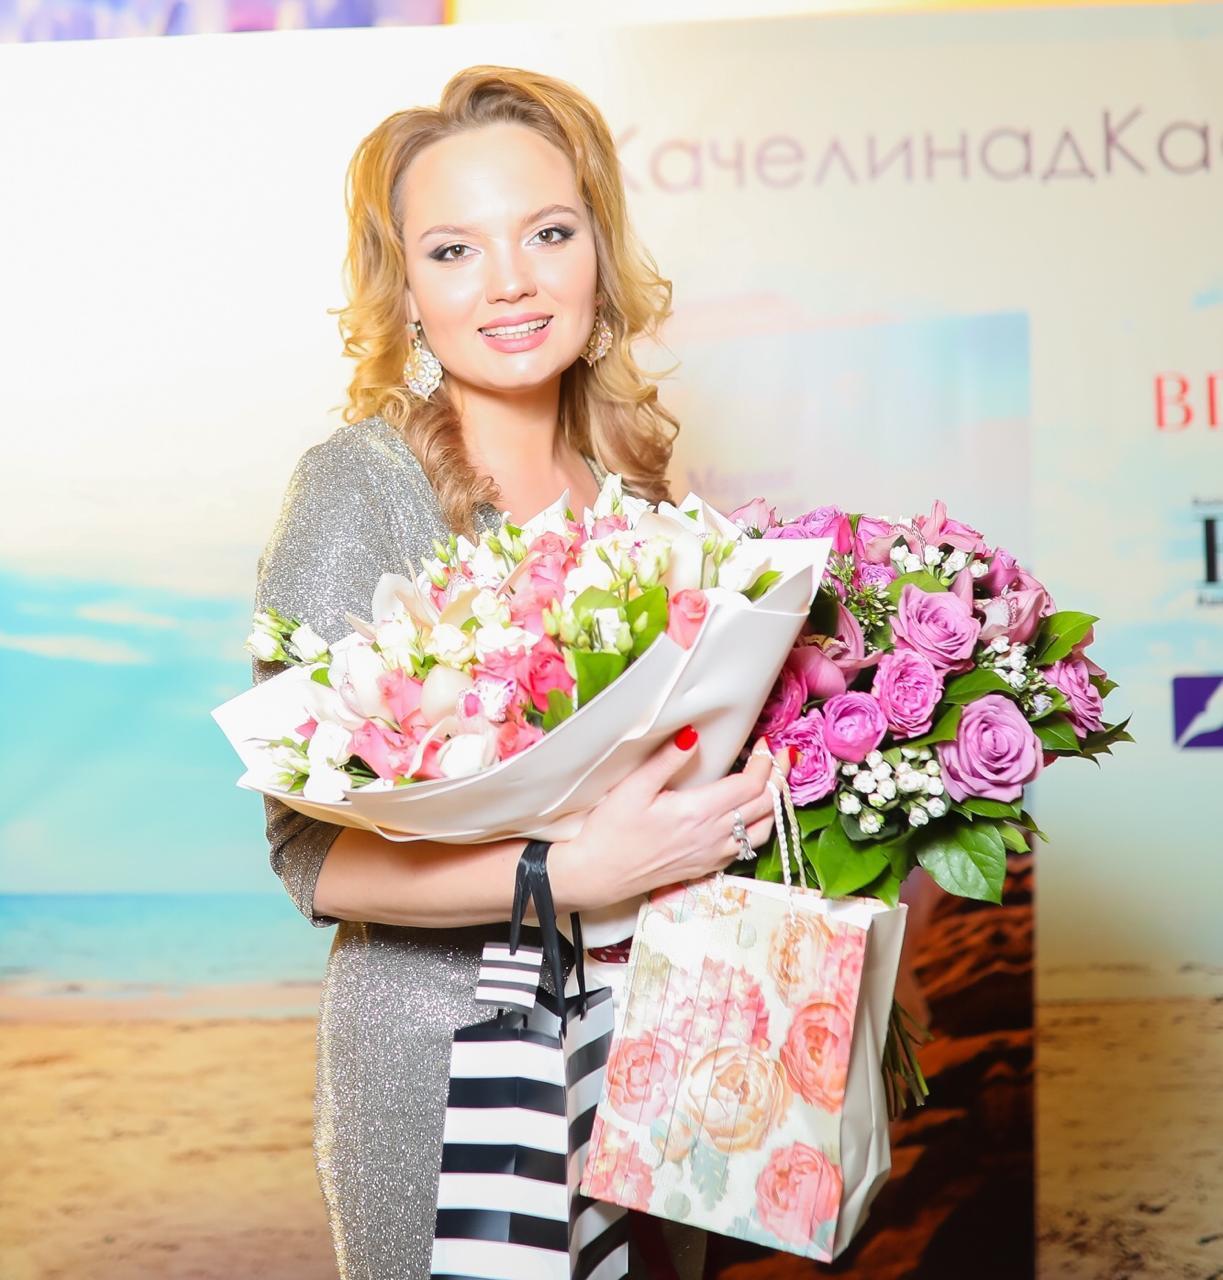 Российская журналистка посвятила свою первую книгу Азербайджану (ФОТО)